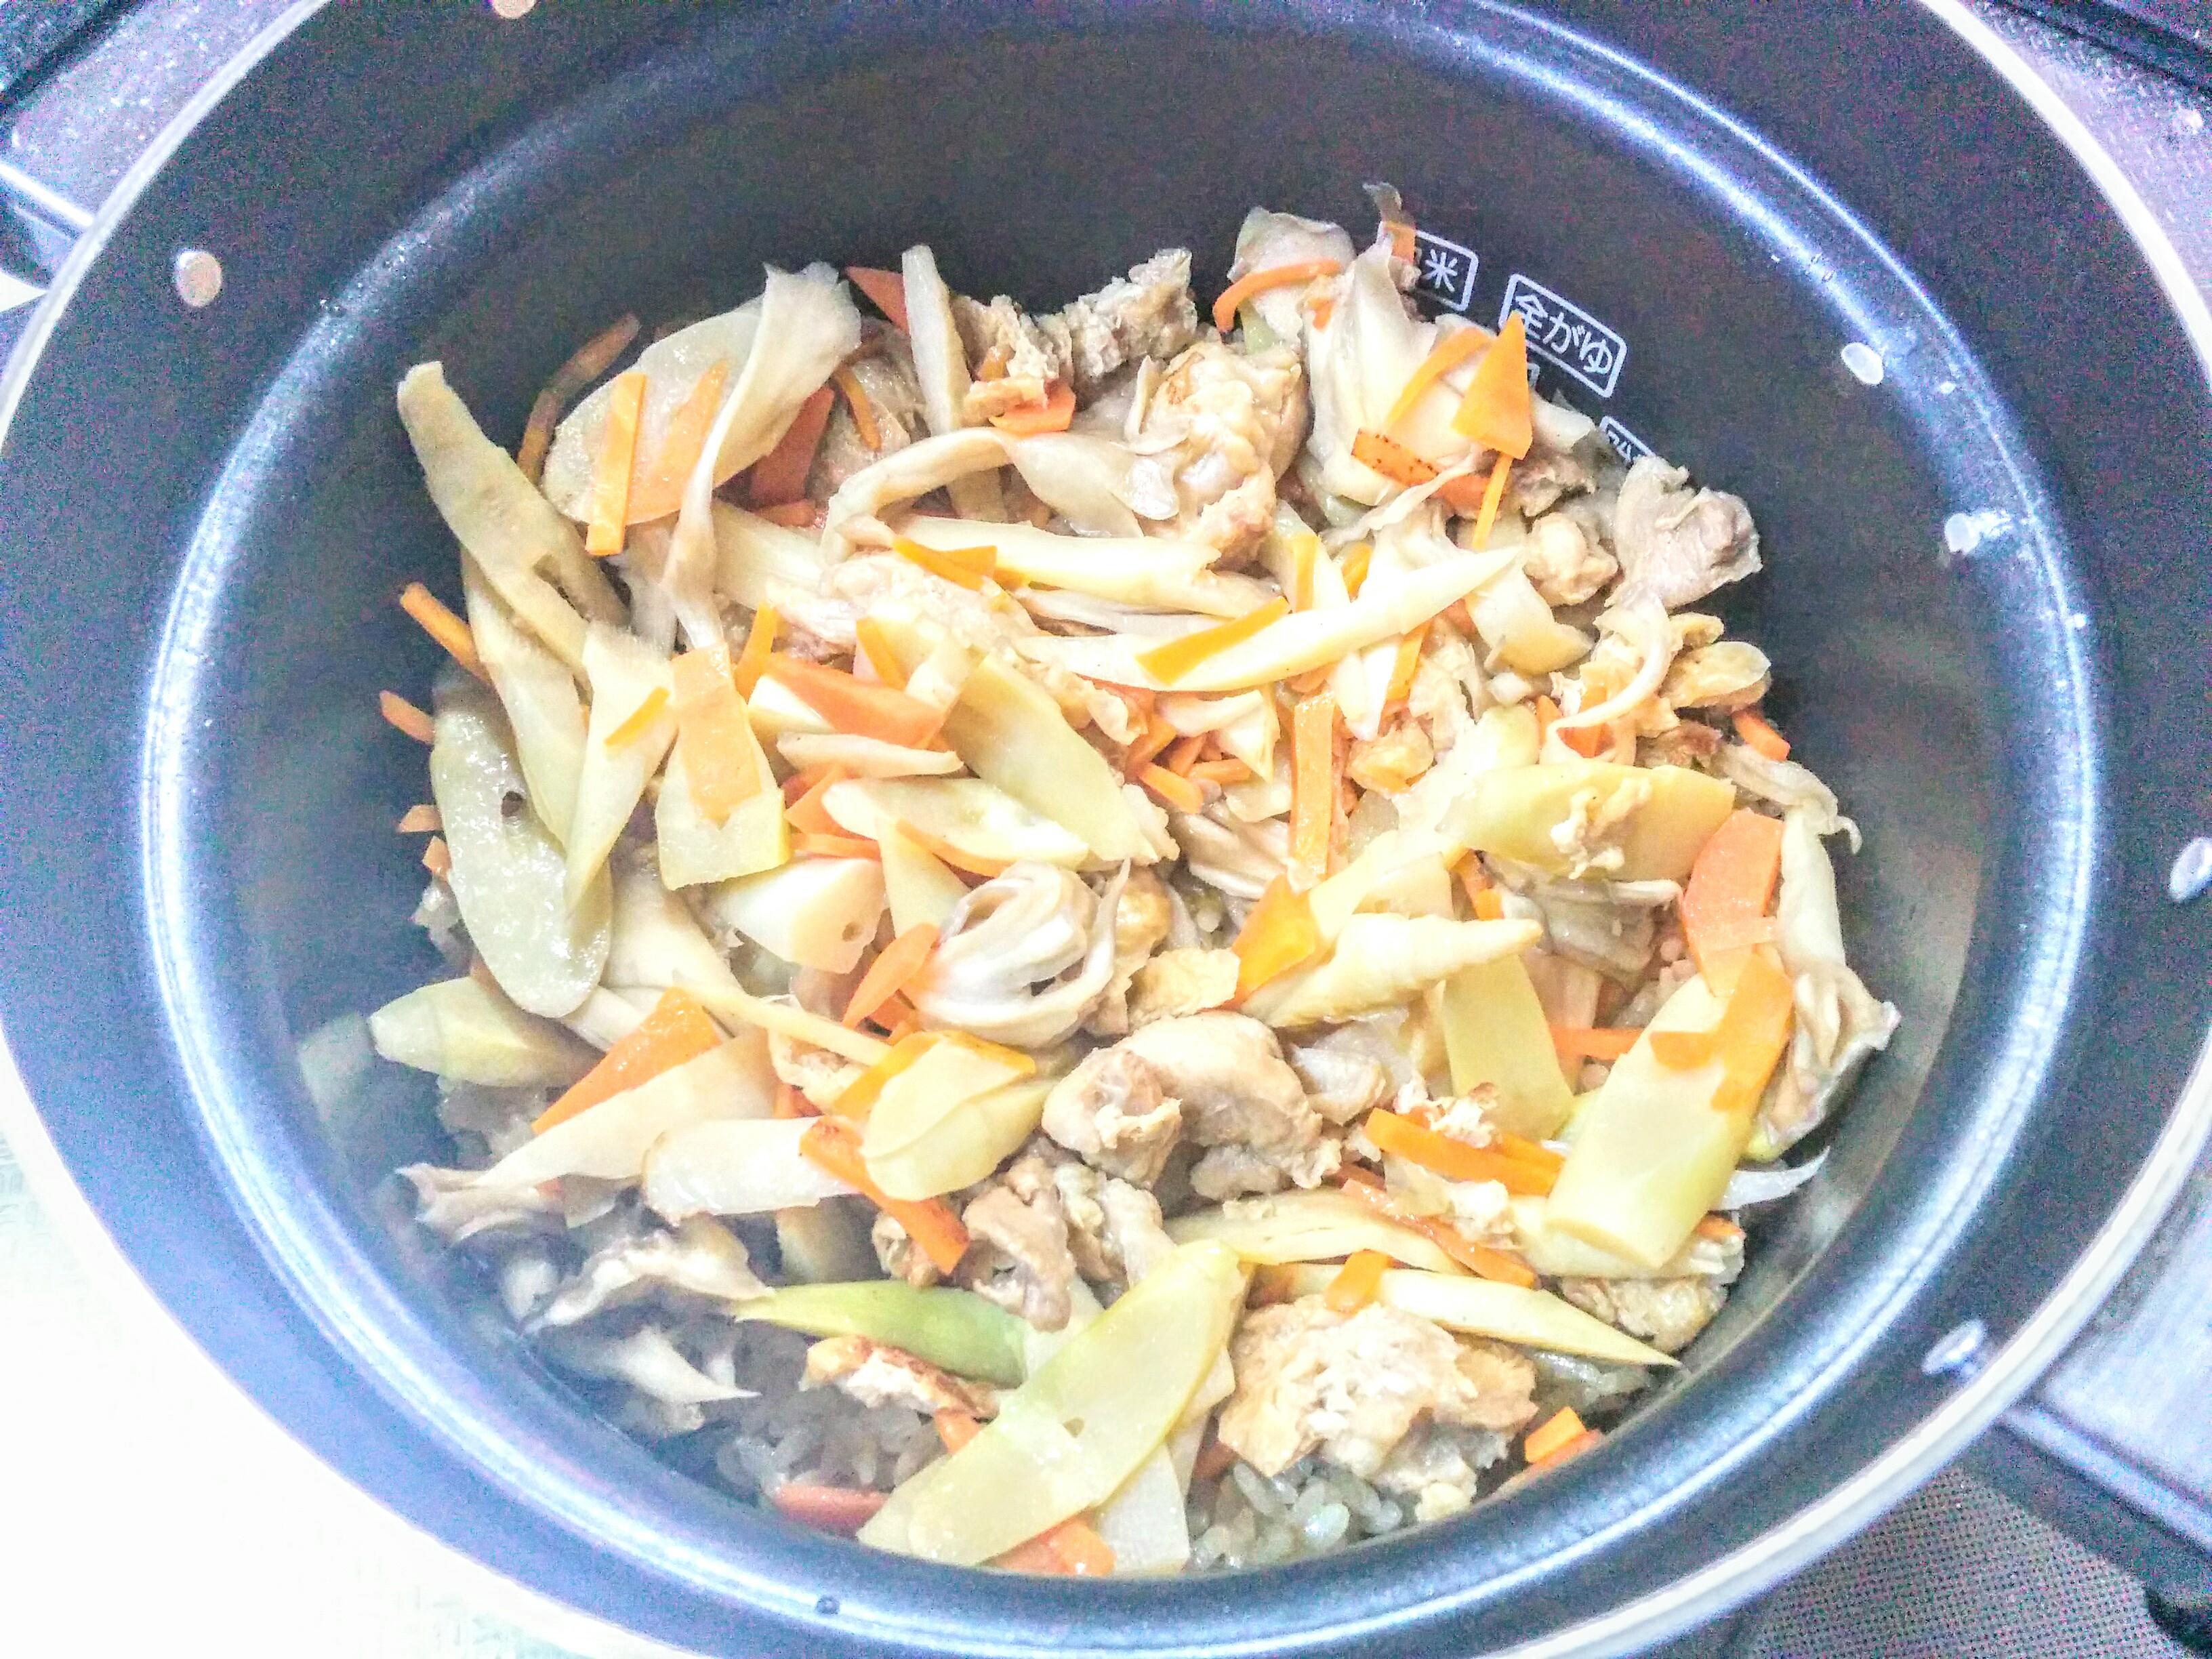 【小樽】お家御飯・竹の子ご飯と竹の子の味噌汁グルメ案内です。